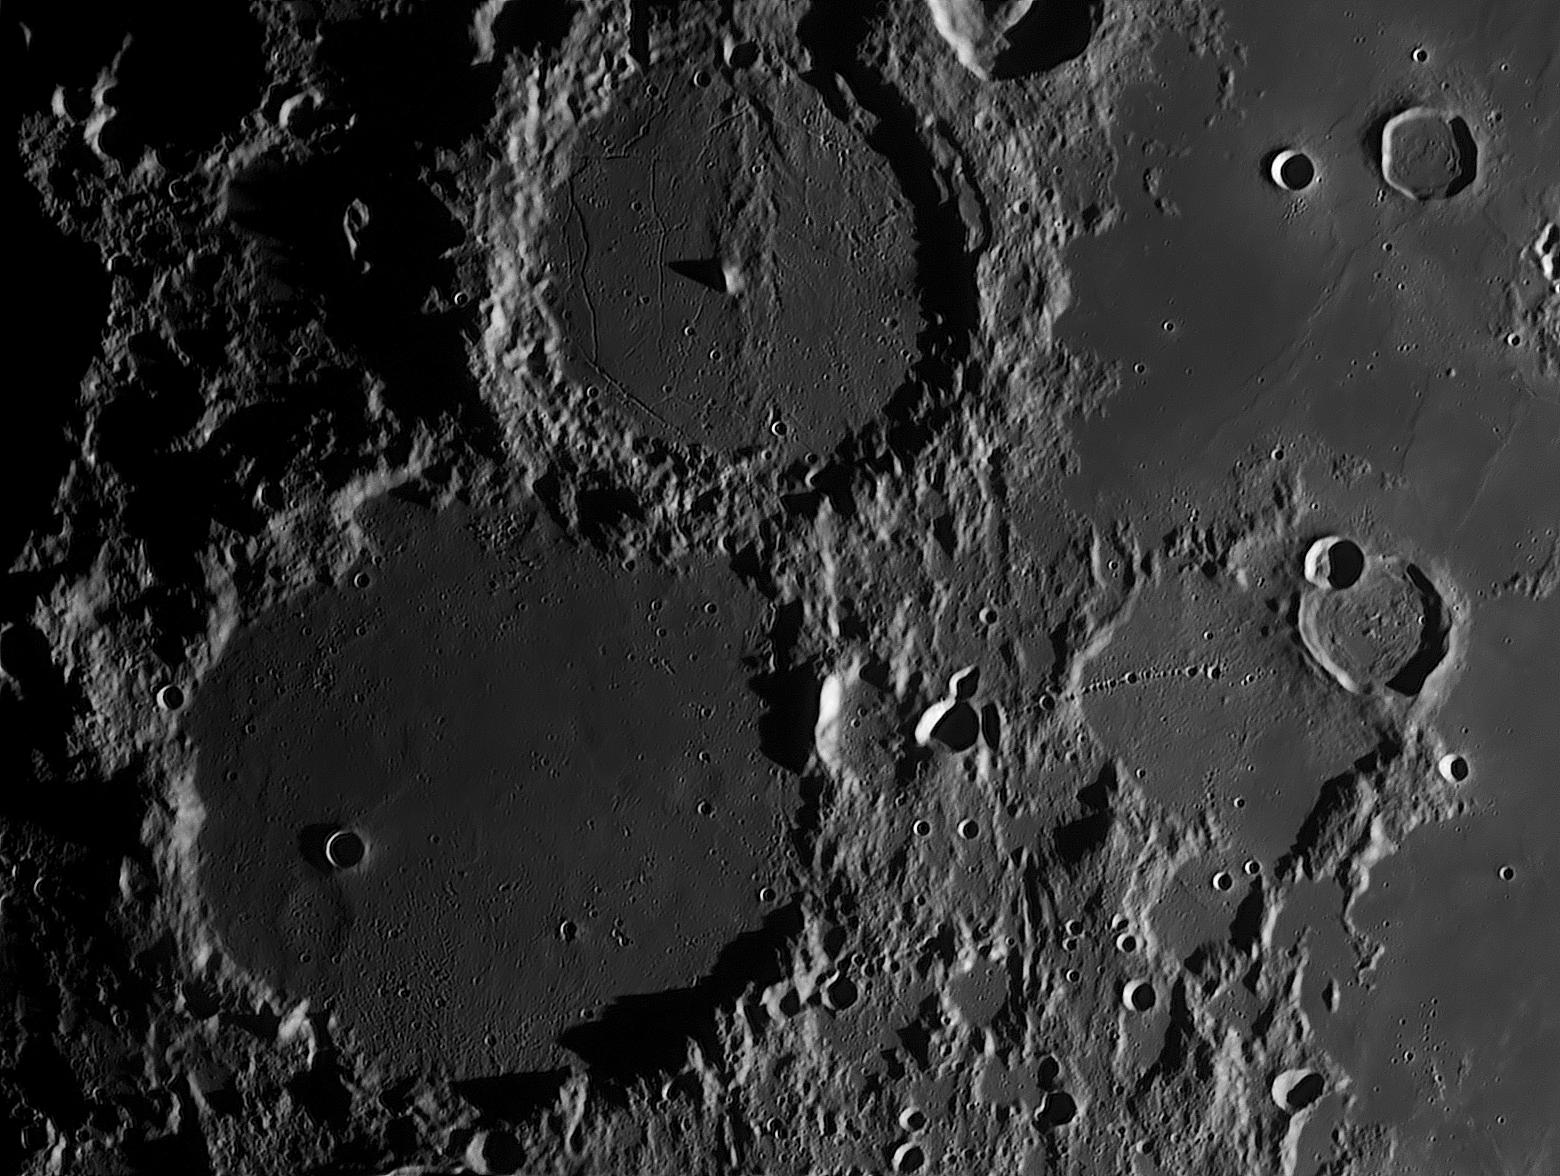 луна обратная сторона фото из космоса сми сообщают, что